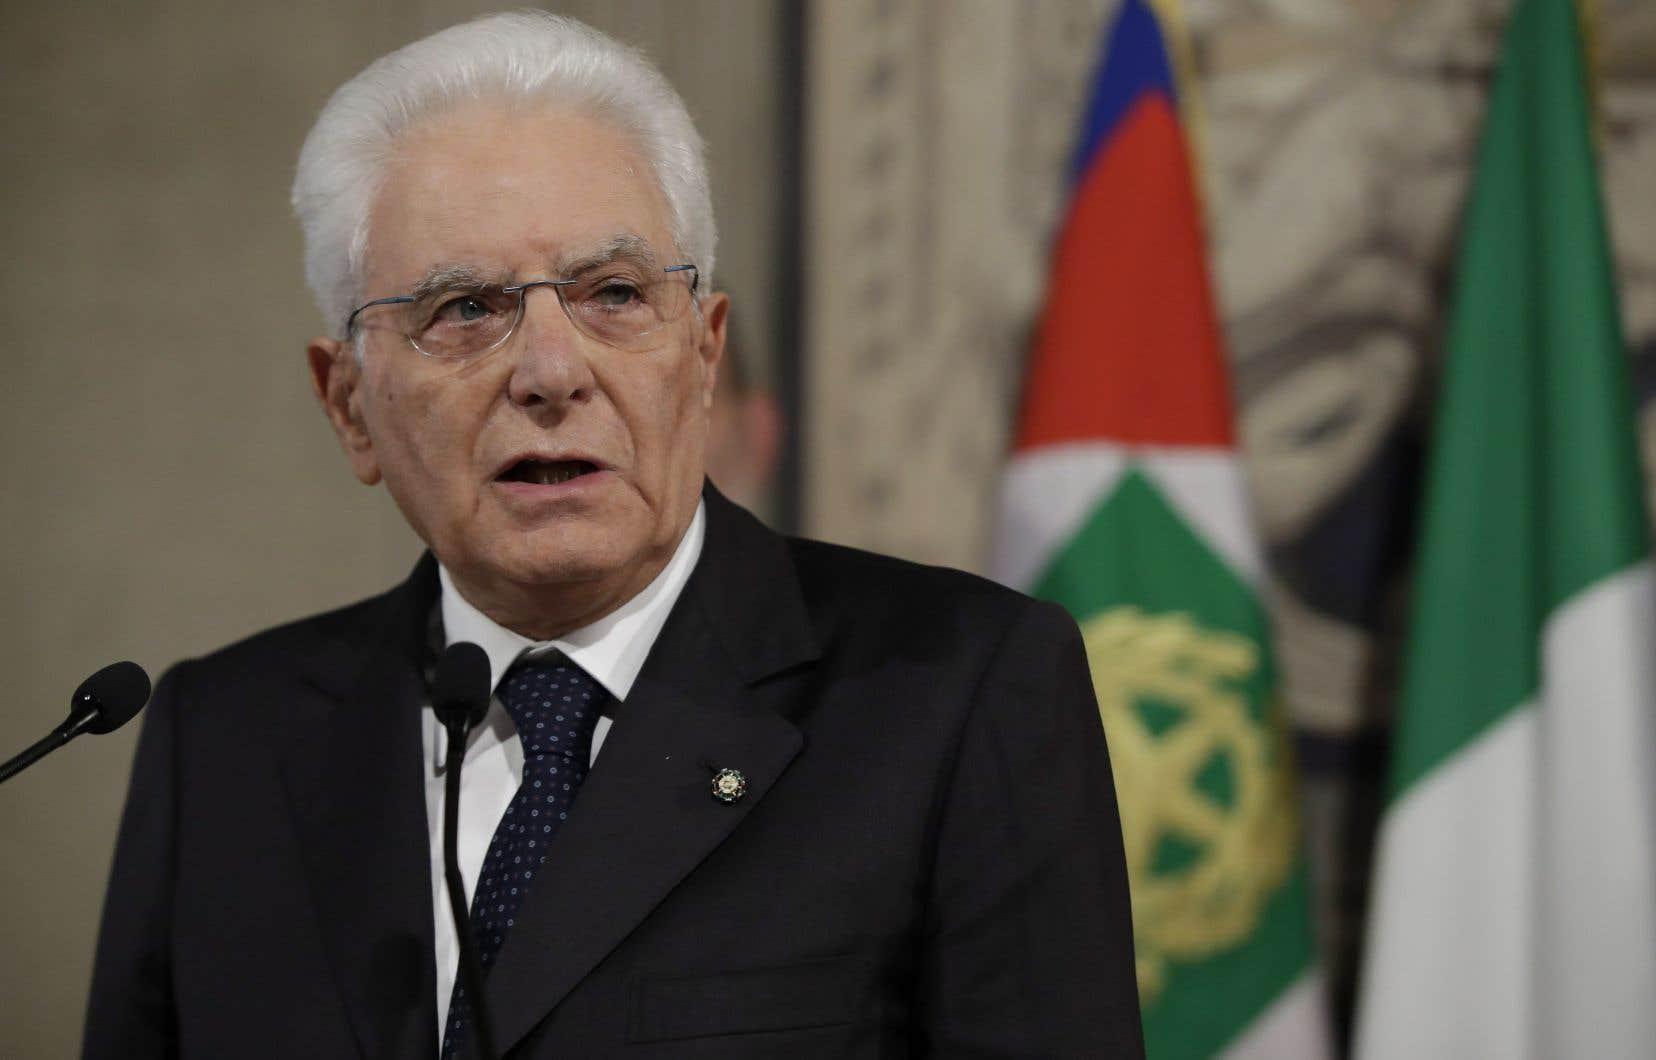 Le président Sergio Mattarella donne jusqu'à mardi aux formations politiques pour s'entendre sur une nouvelle majorité.